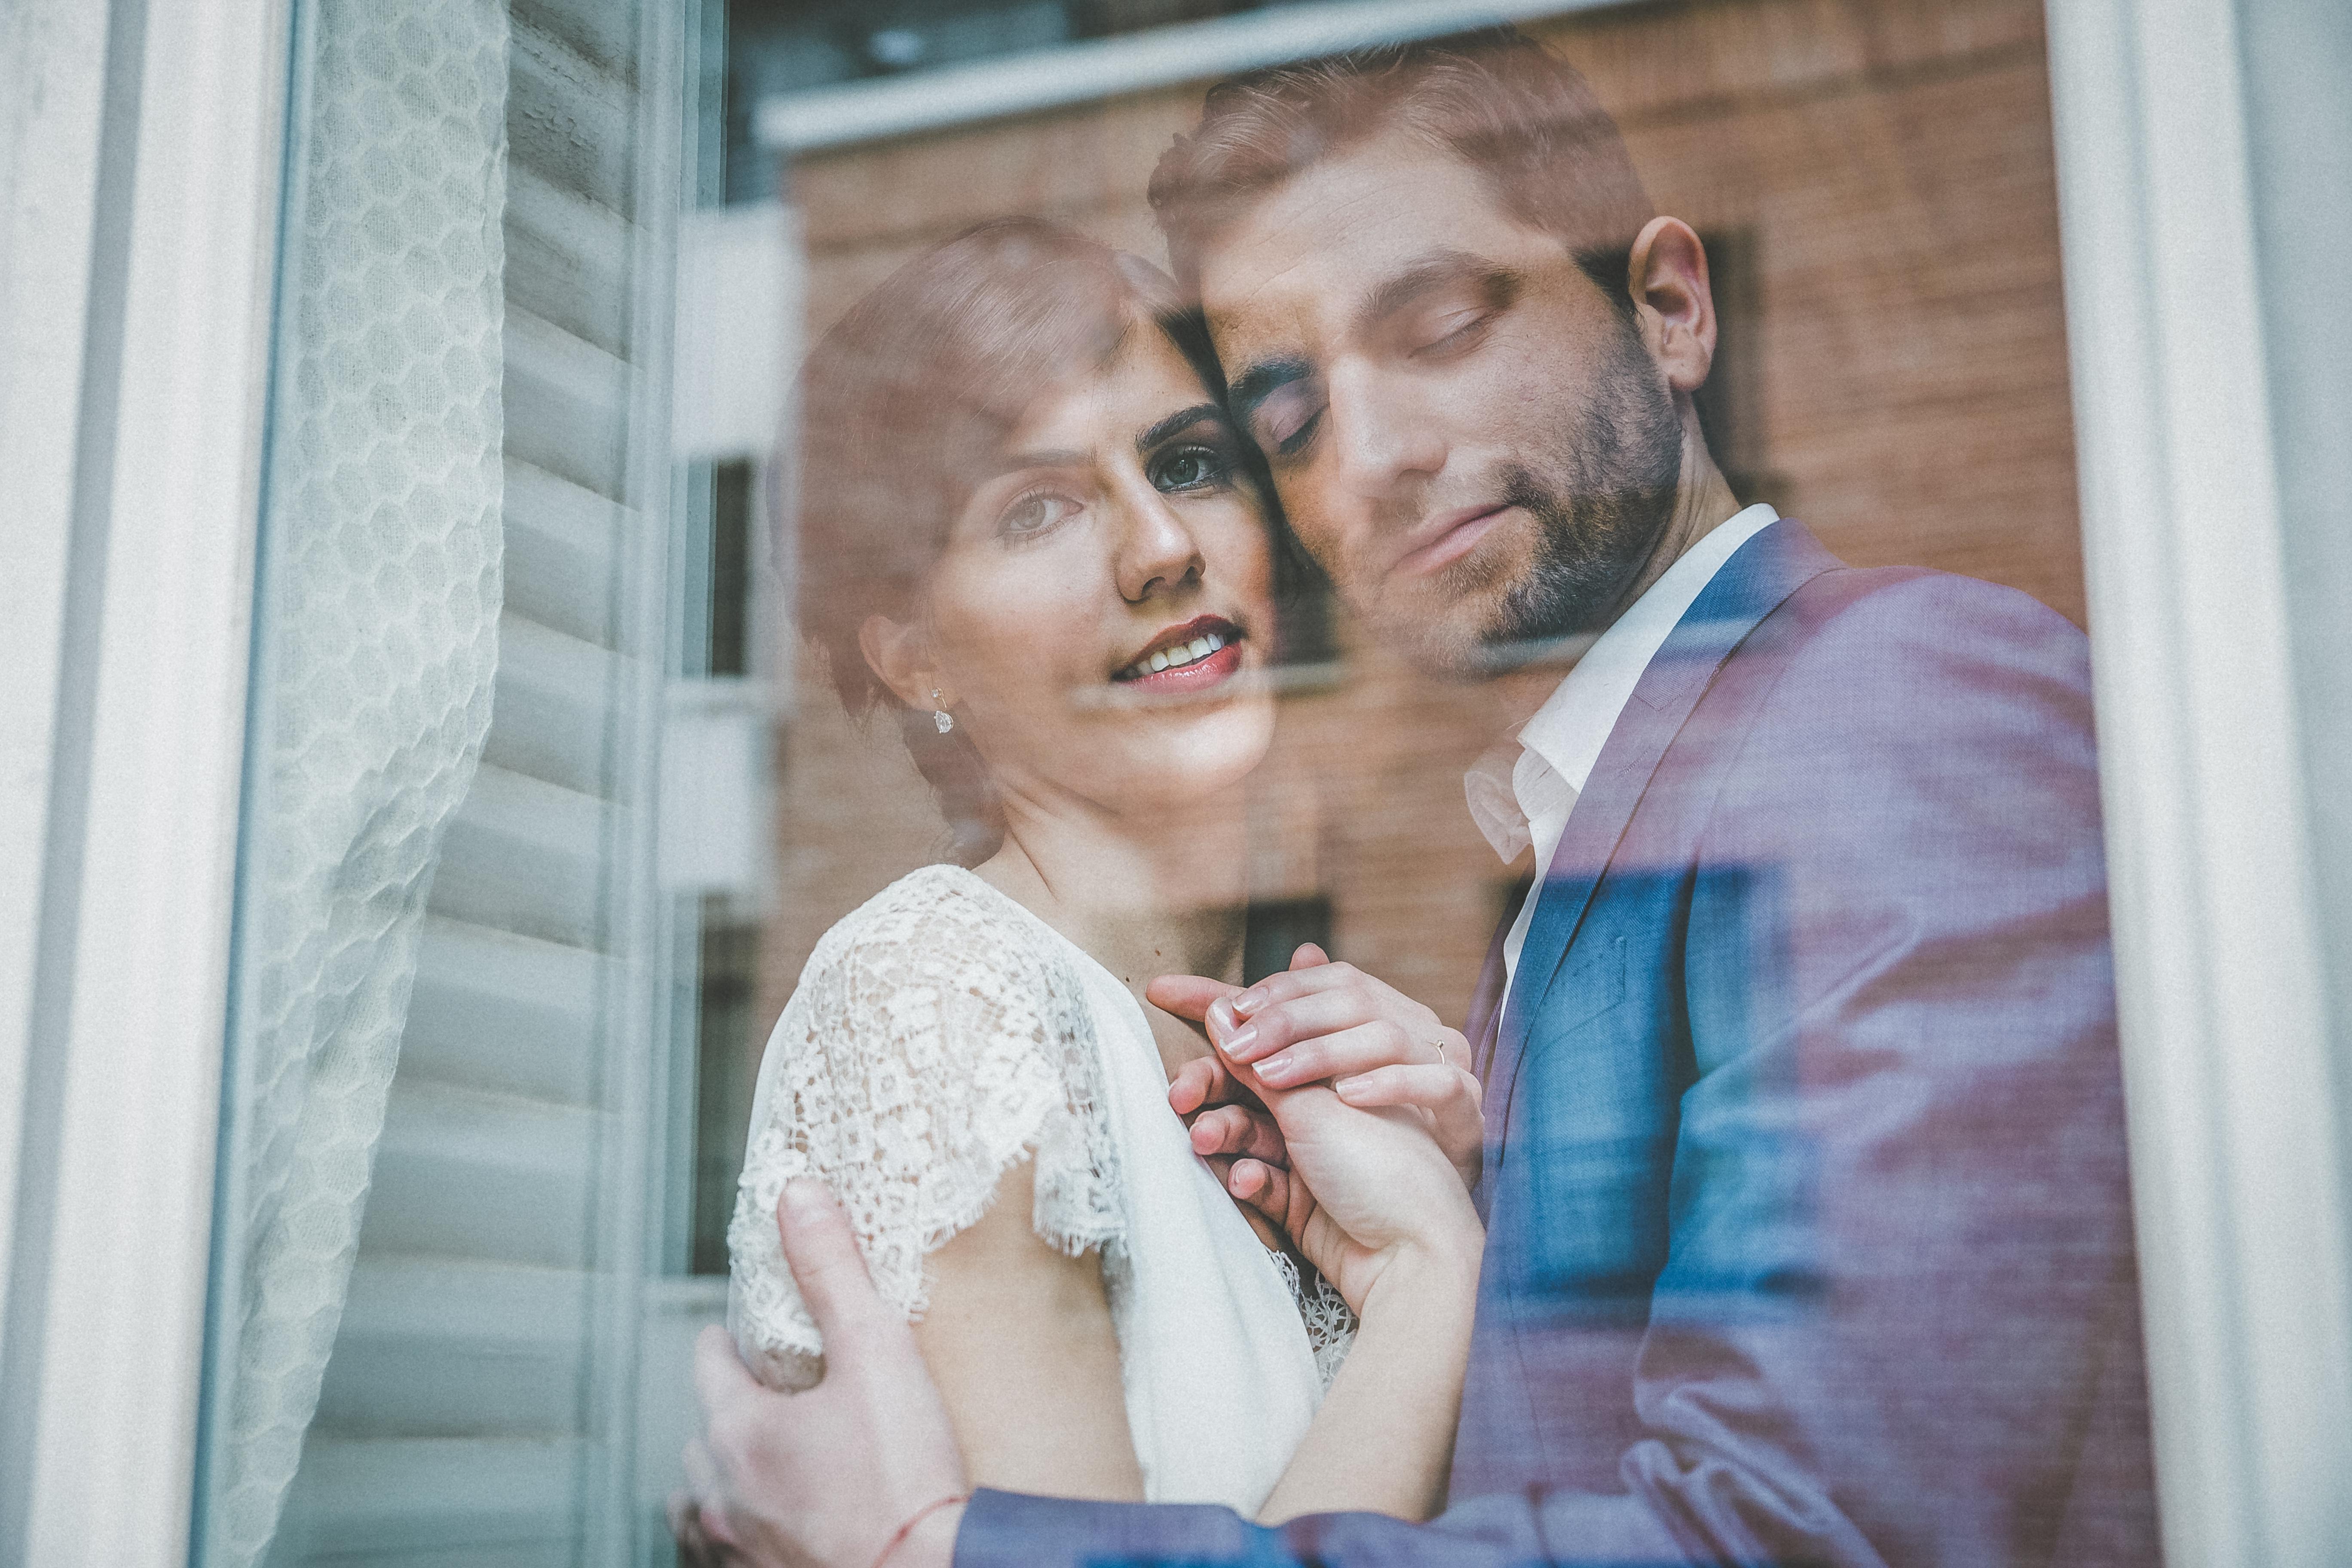 photographe mariage asniere sur seine-6.